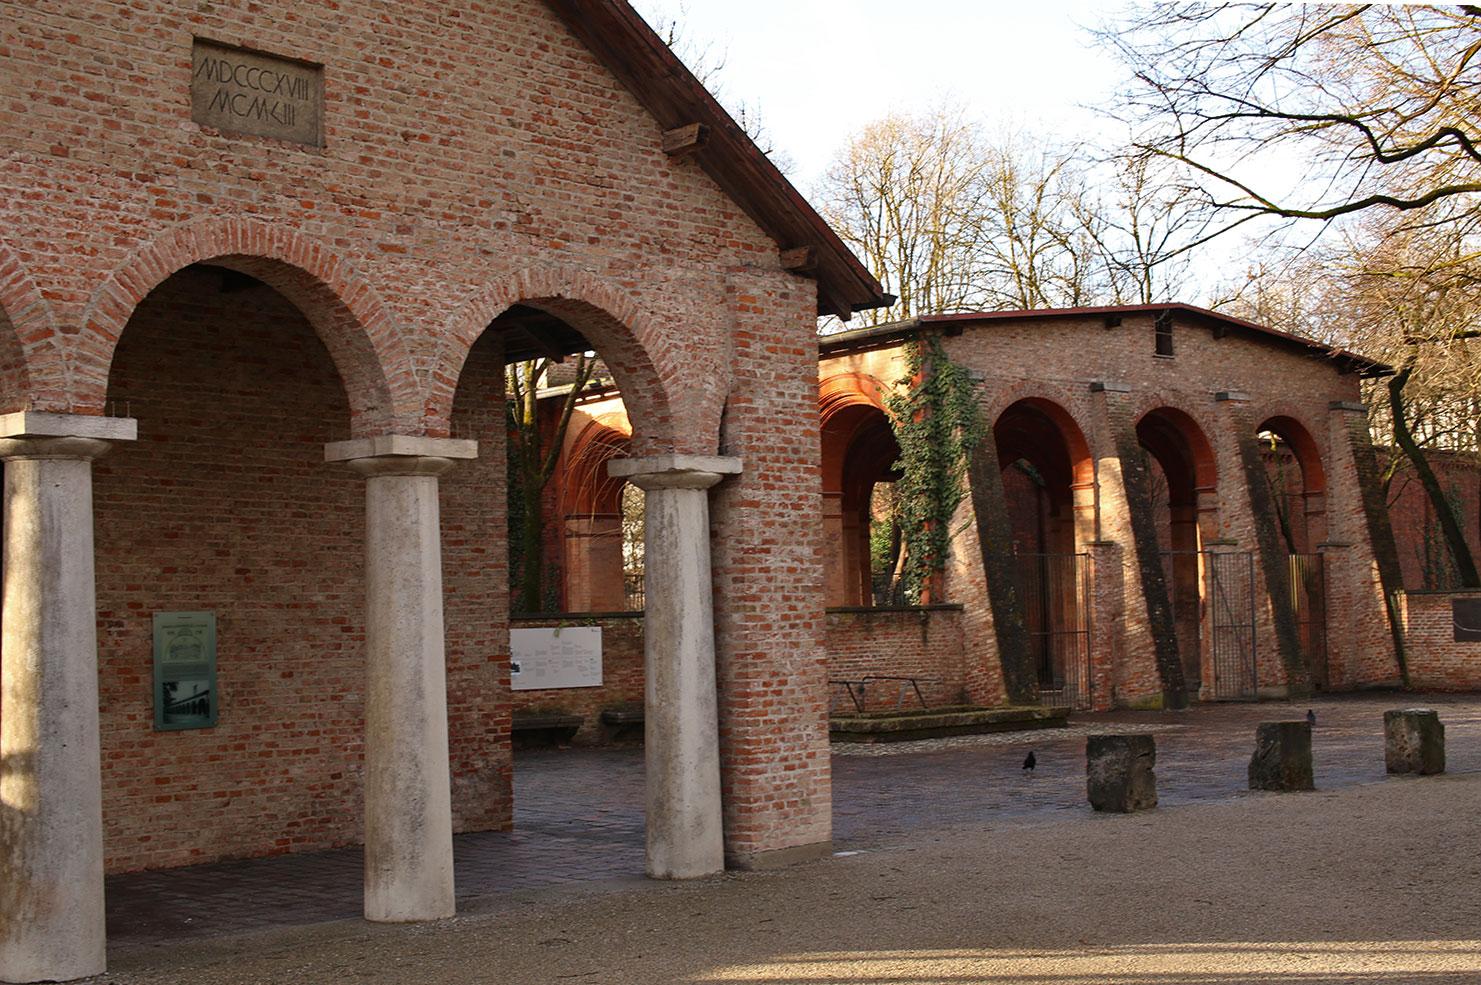 Hans-Dollgast-Alter-Sudfriedhof-Munich-Bizley-Somerset-Architect-9.jpg